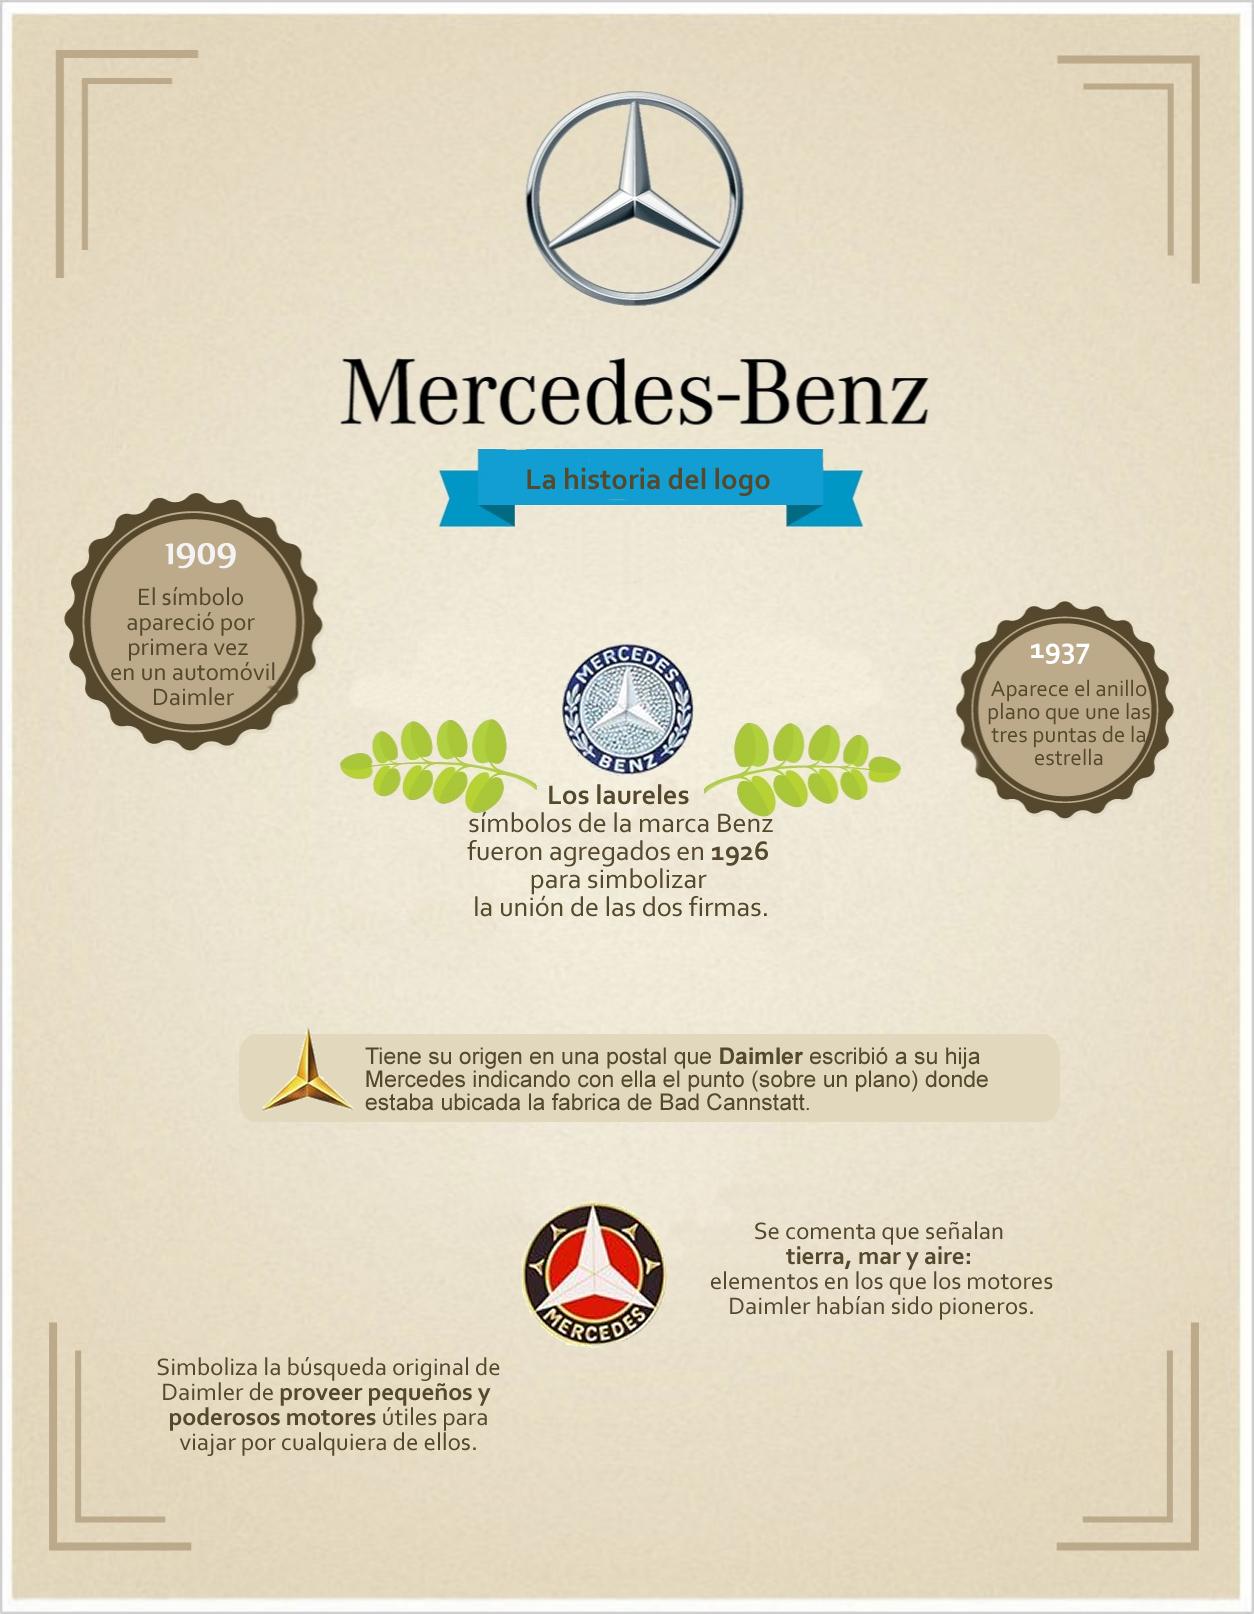 Historia y significado el logo de mercedesbenz logo grupo itra historia y significado el logo de mercedesbenz logo grupo itra mercedes benz voltagebd Image collections